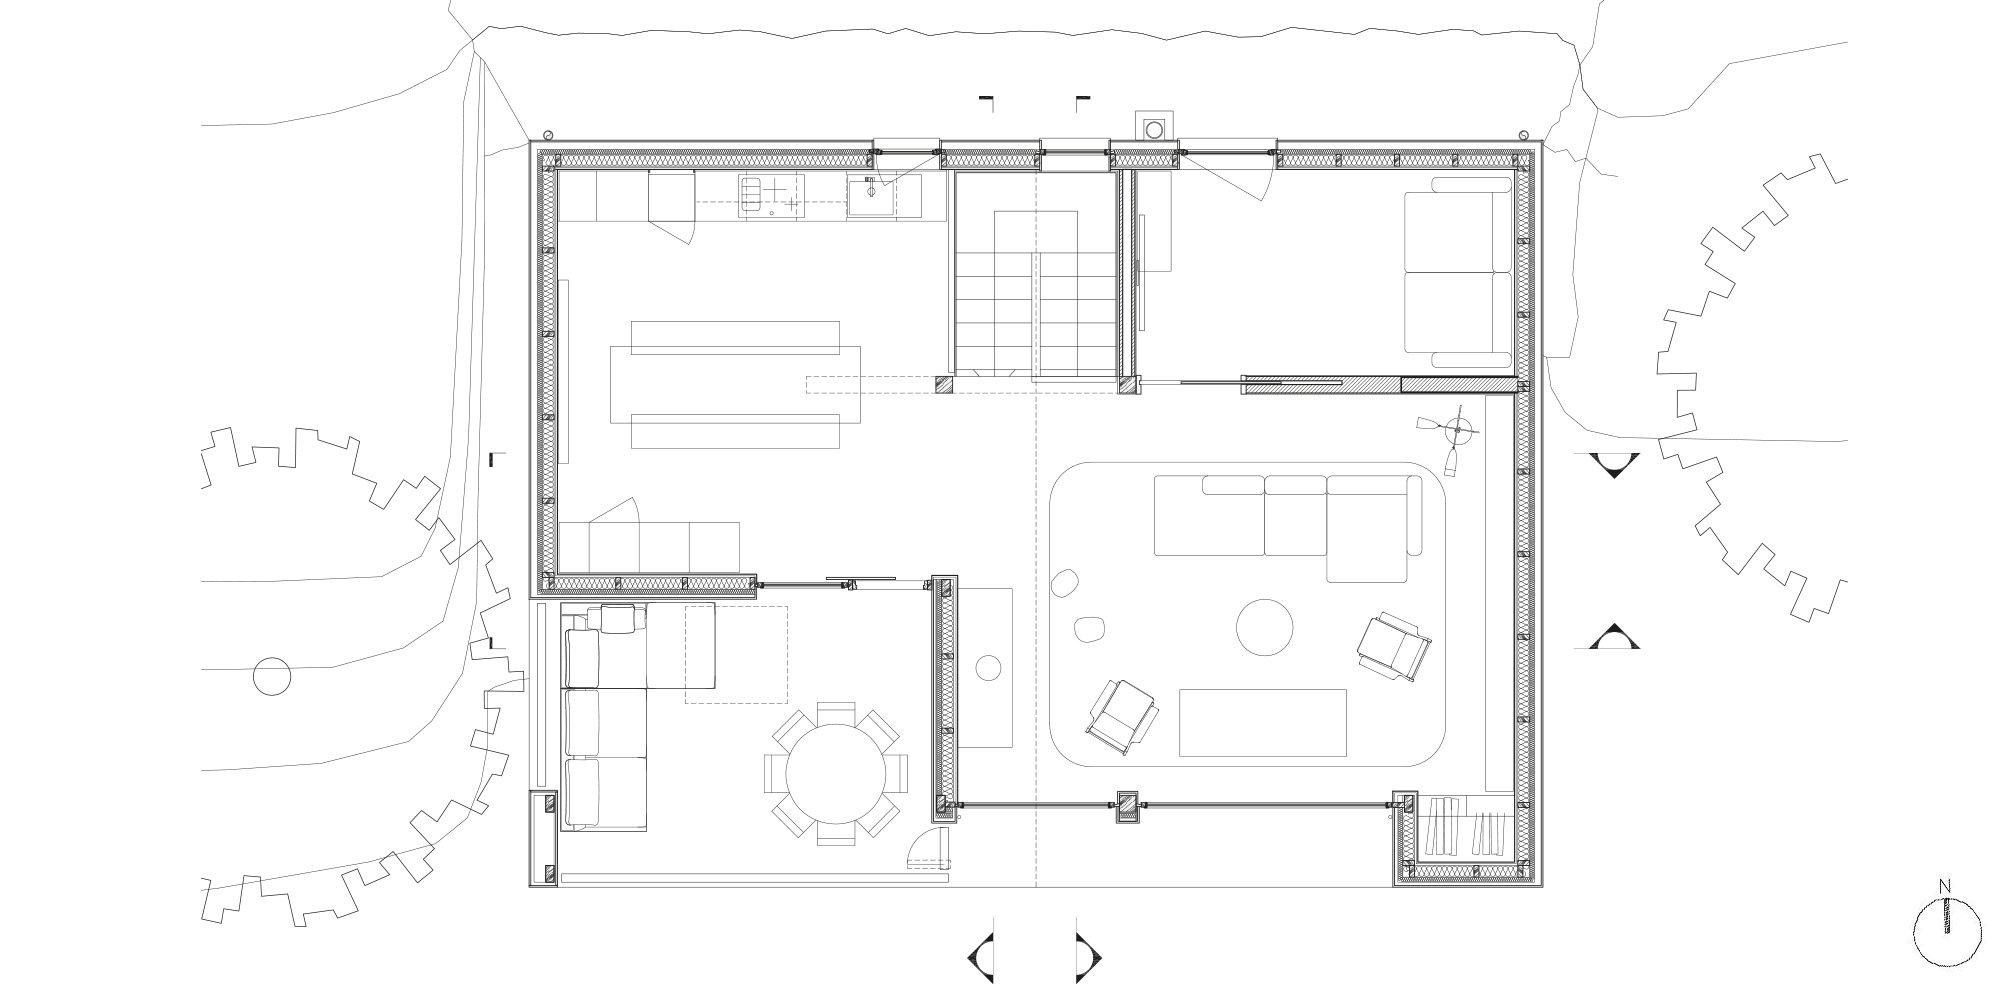 Pianta piano secondo © Studio Razavi Architecture